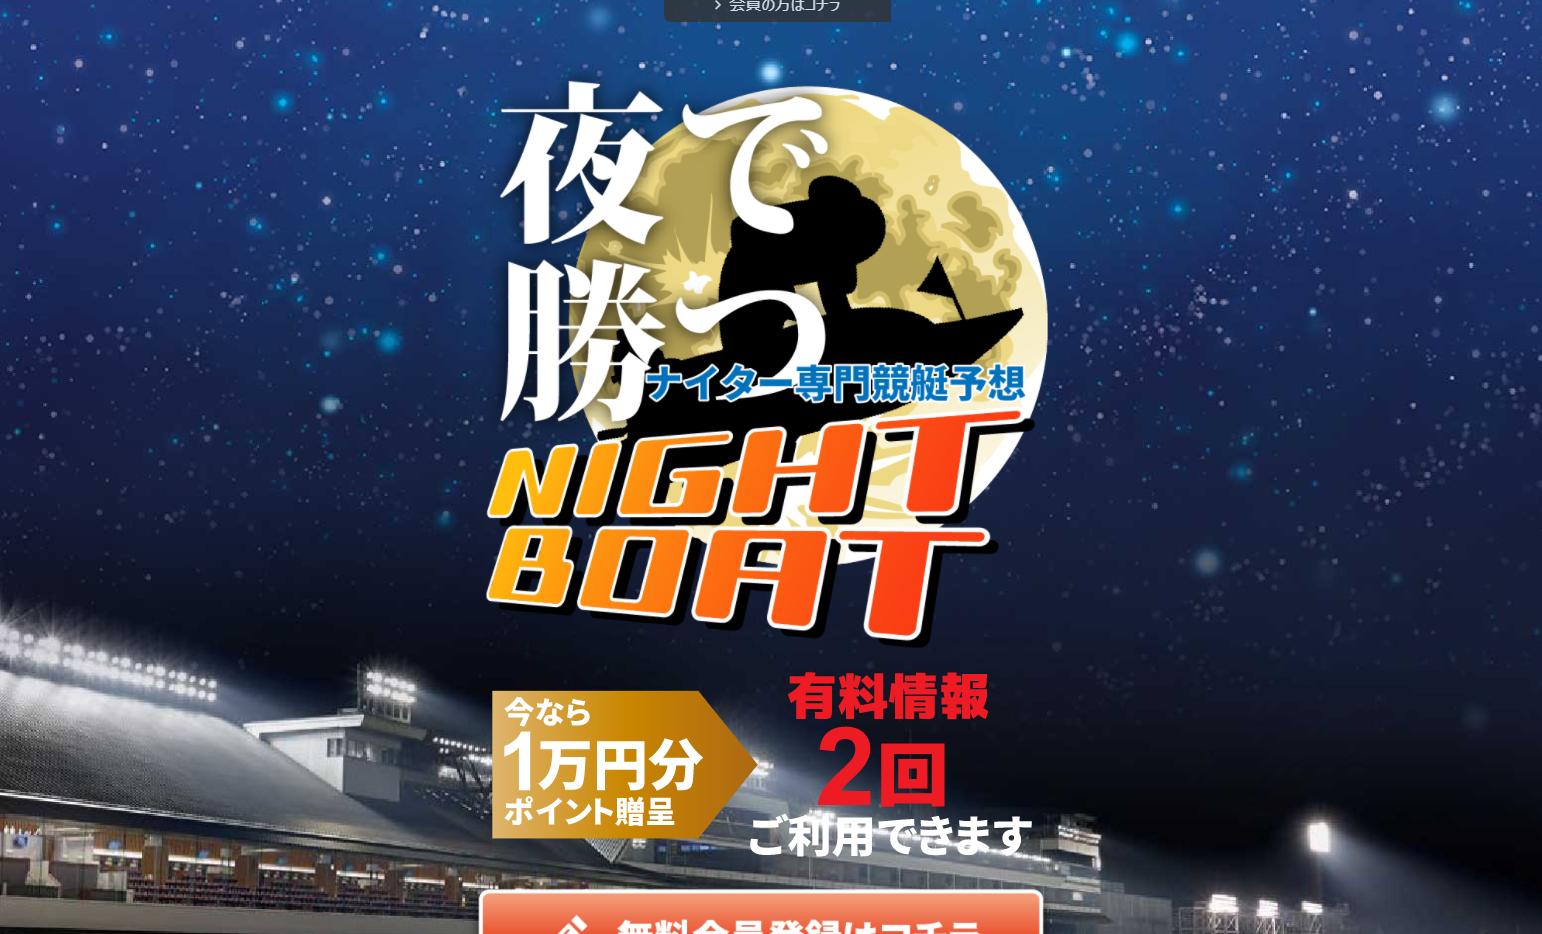 悪徳・悪質競艇(ボートレース)予想サイト NIGHT BOAT(ナイトボート)